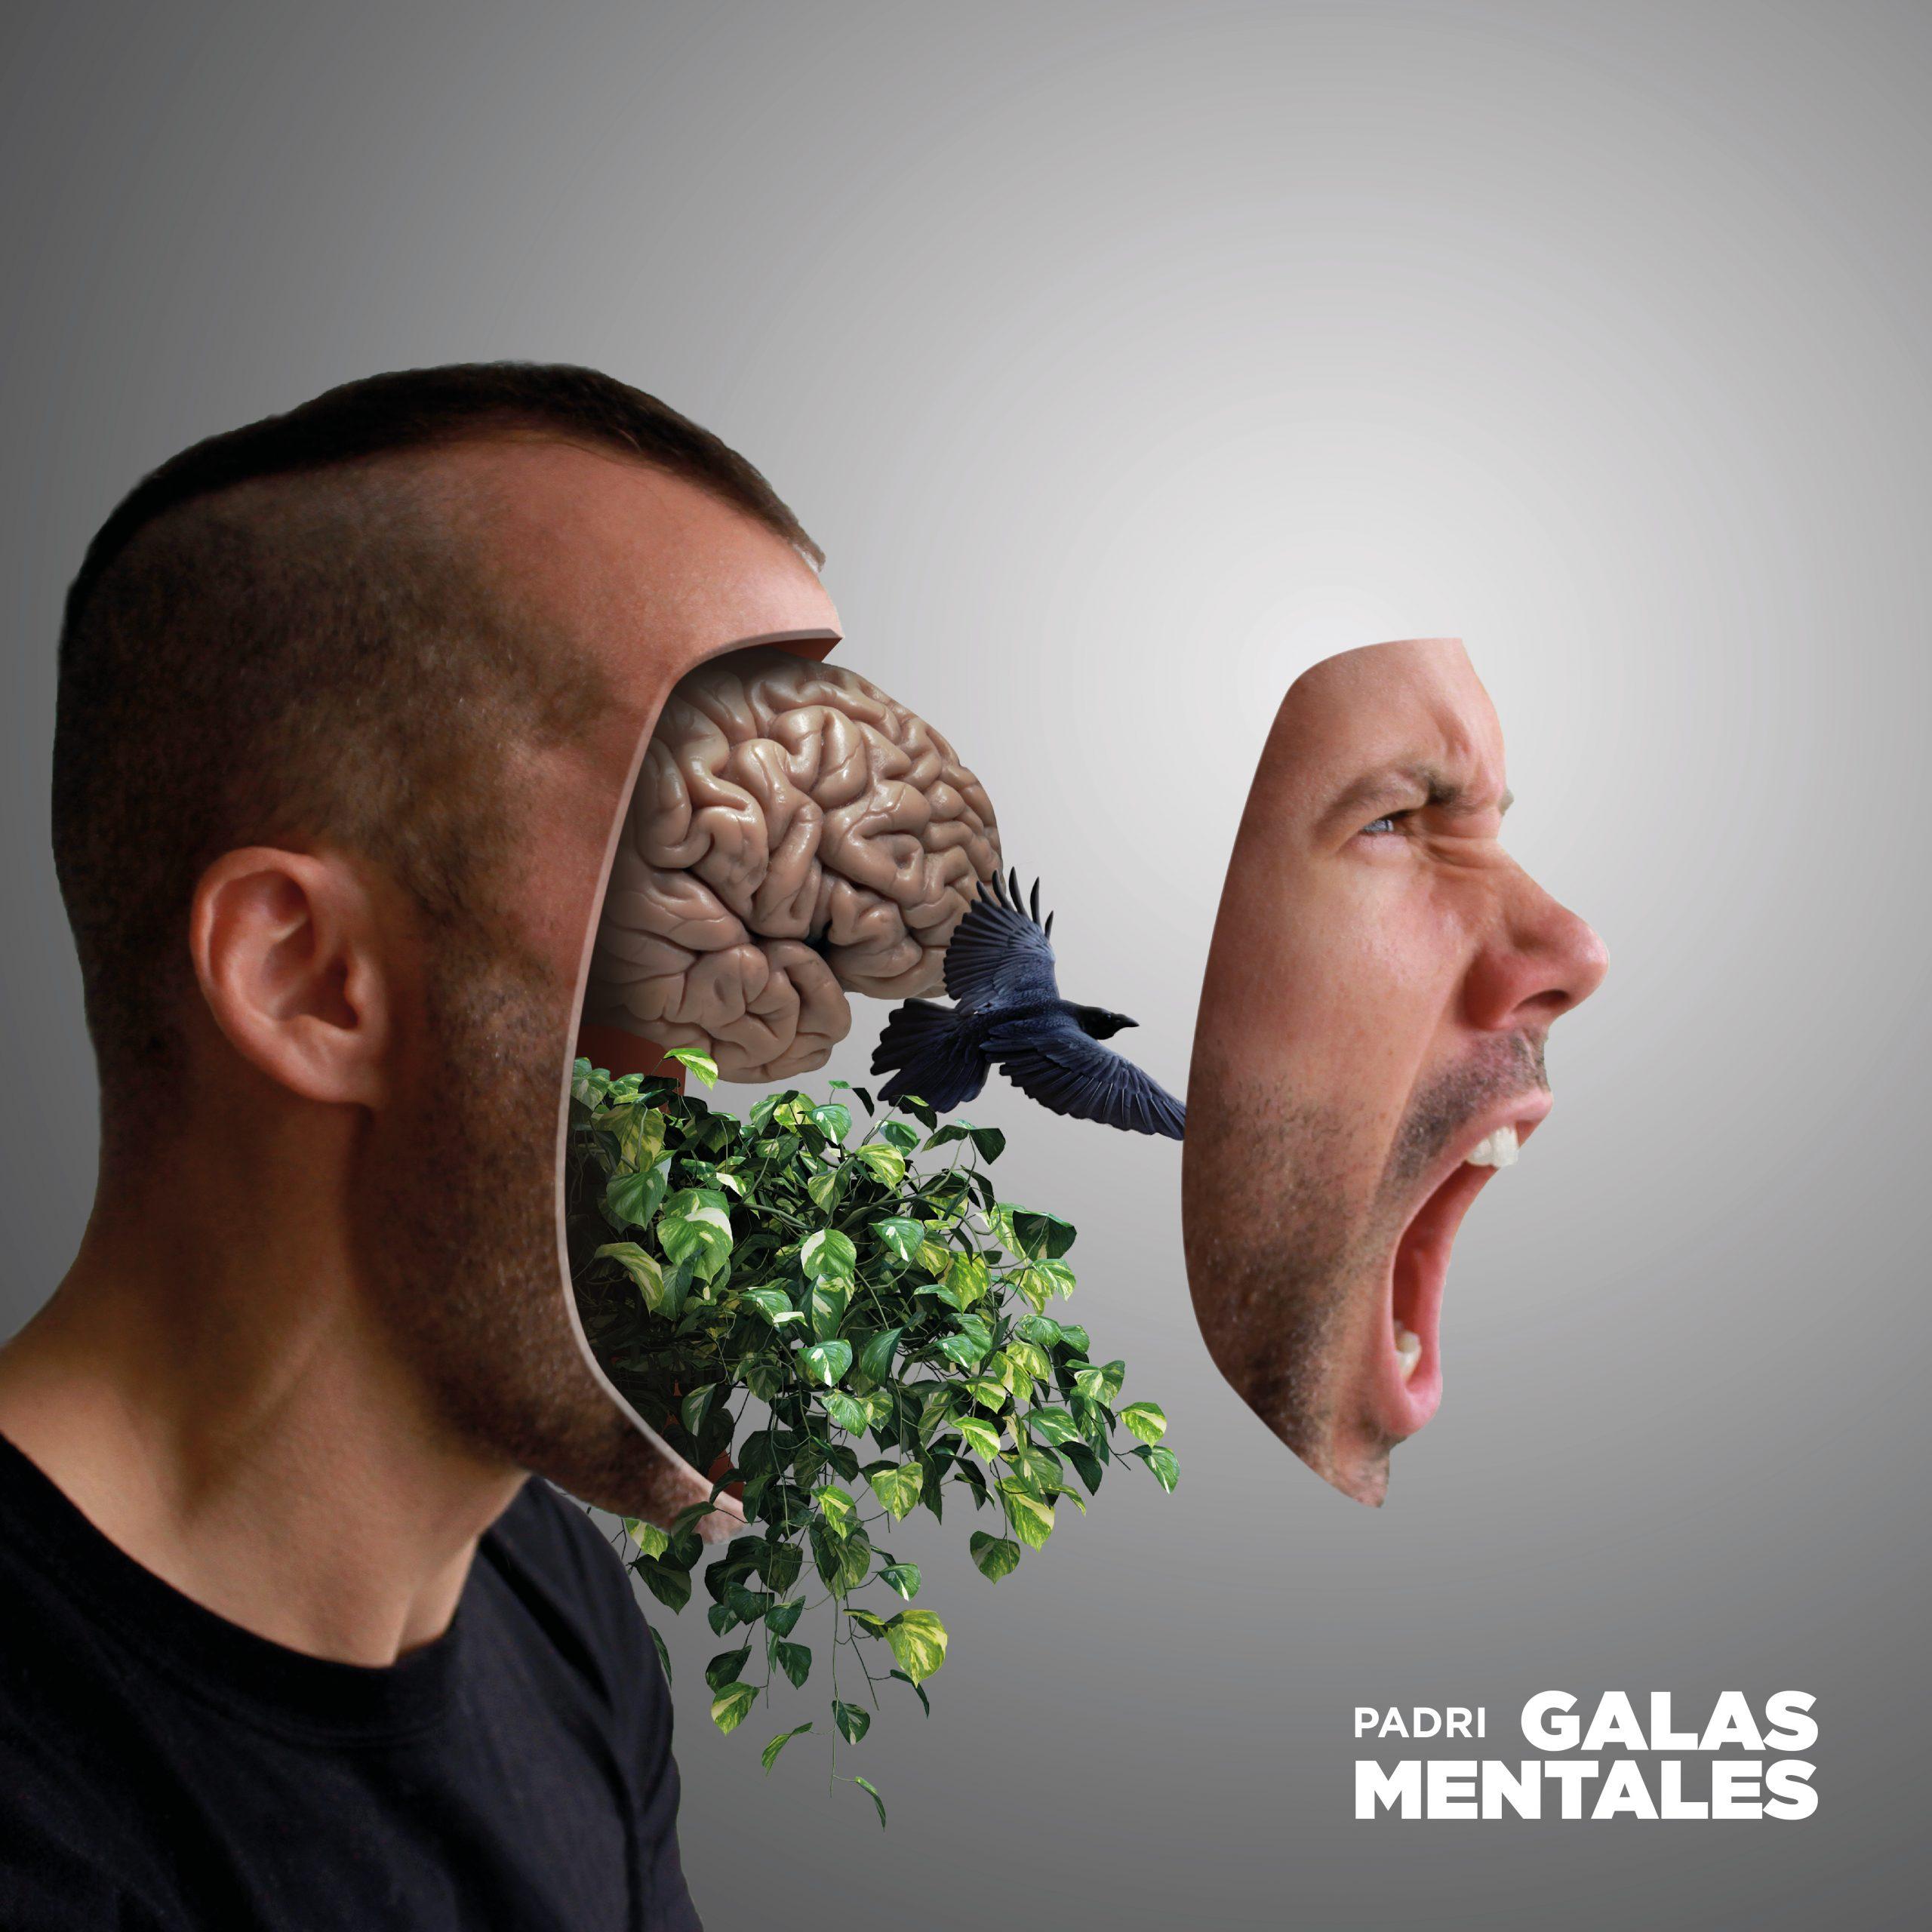 Padri - Galas mentales